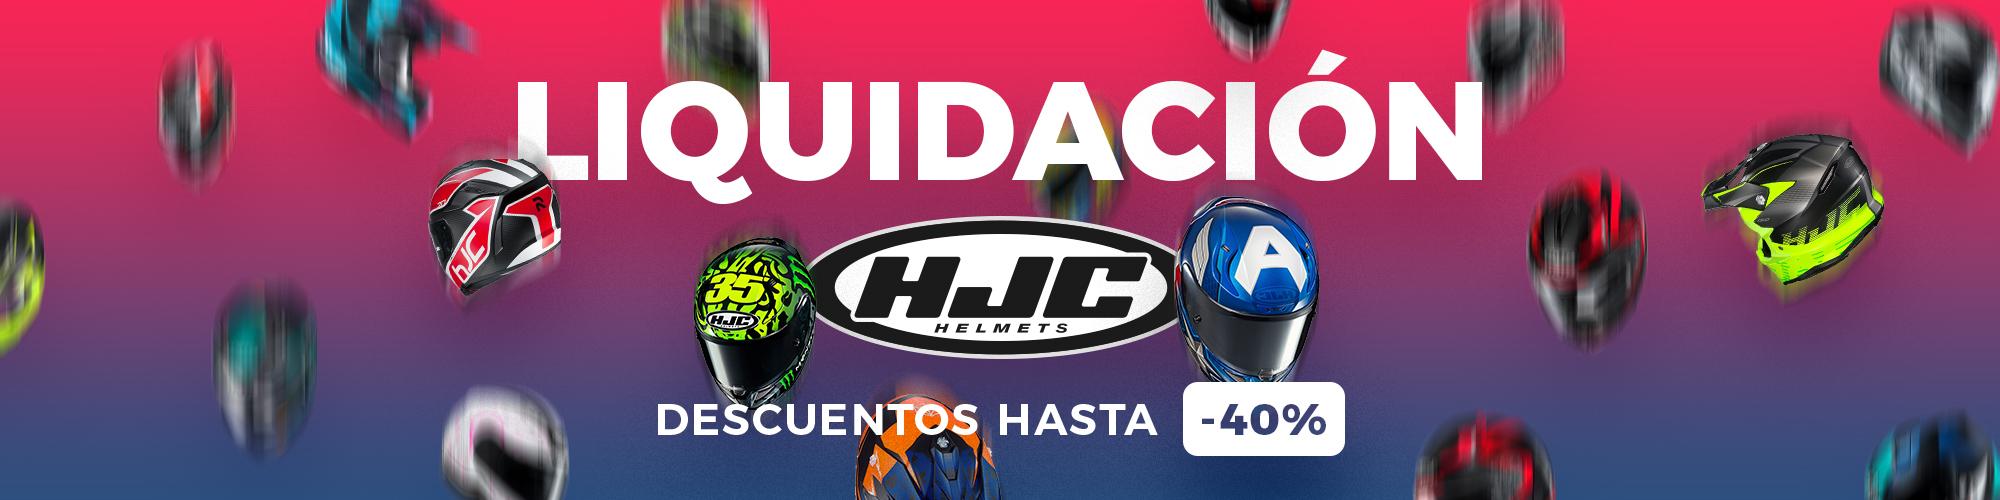 Liquidación HJC 40%